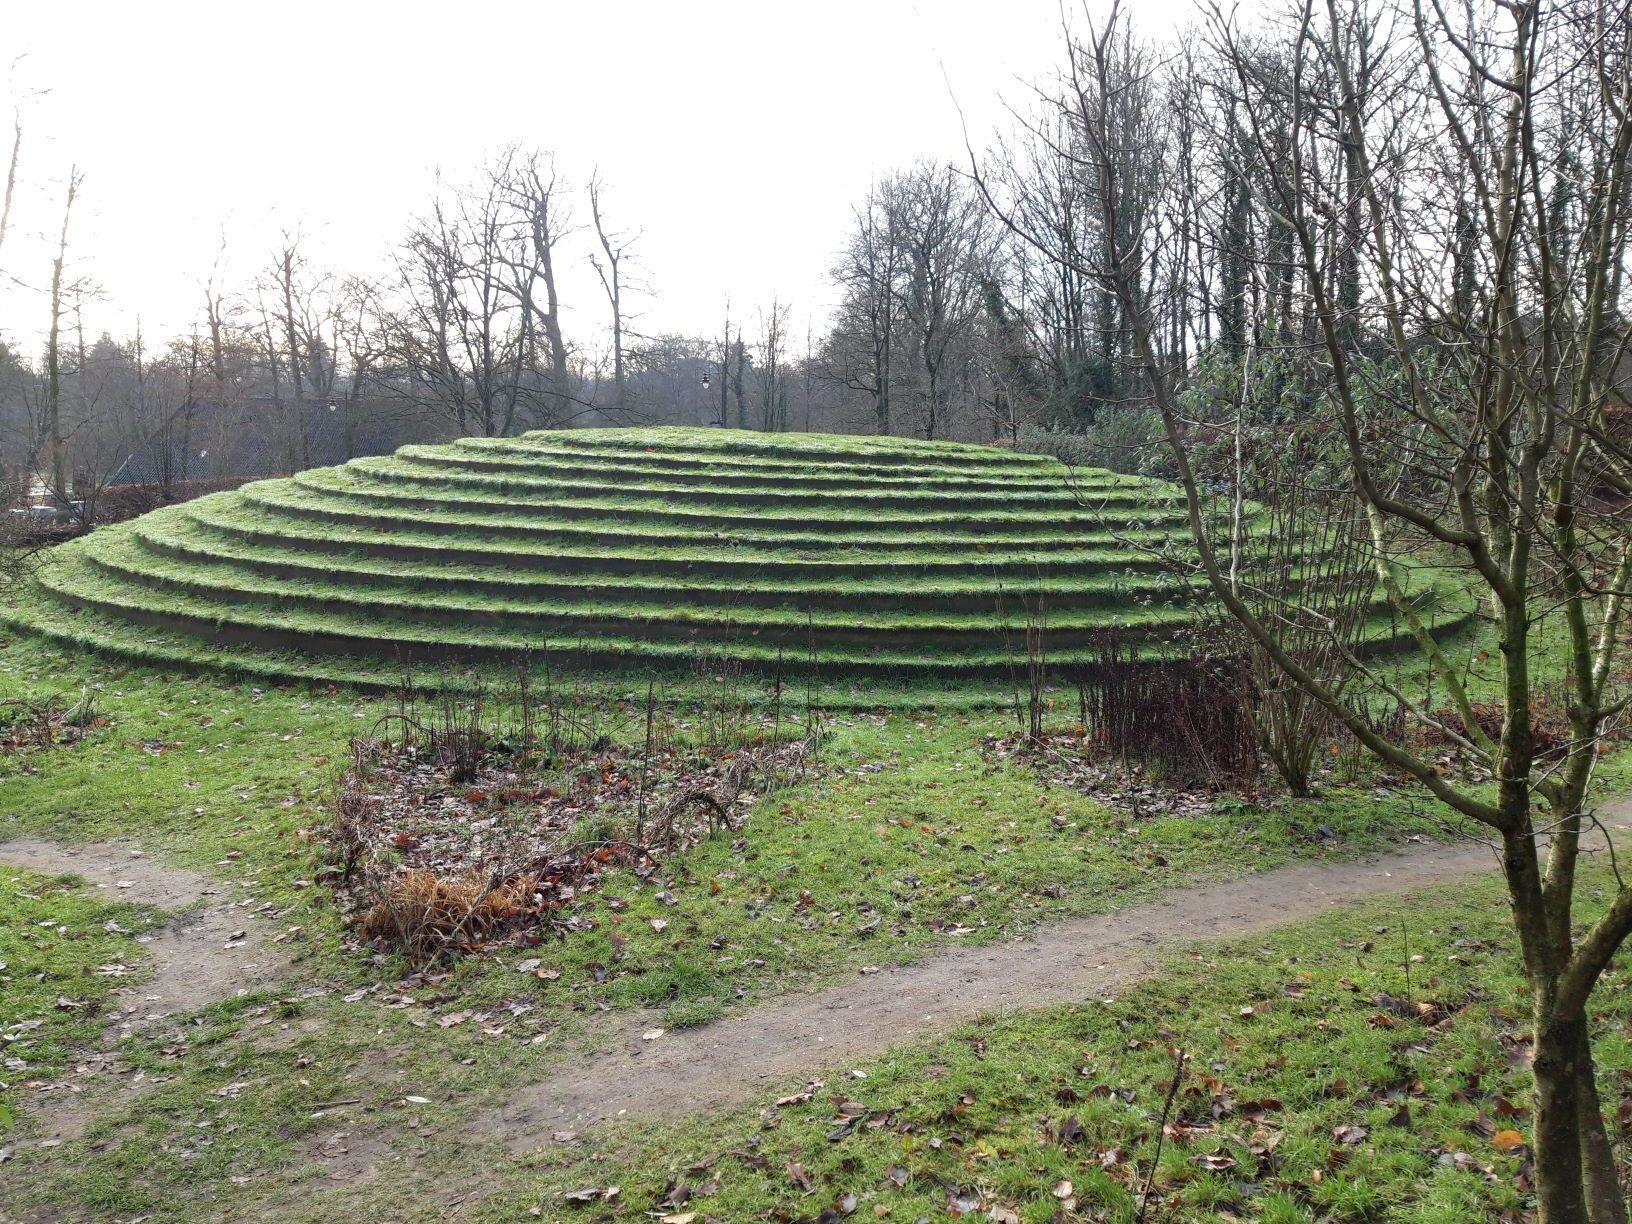 20210110_143811 (2) - Arnhem (NL) - Park Sonsbeek - Park Zijpendaal - kunst in landschap - Vlindertuin - All Happy Now! - Peter Santino (ISA 1948)